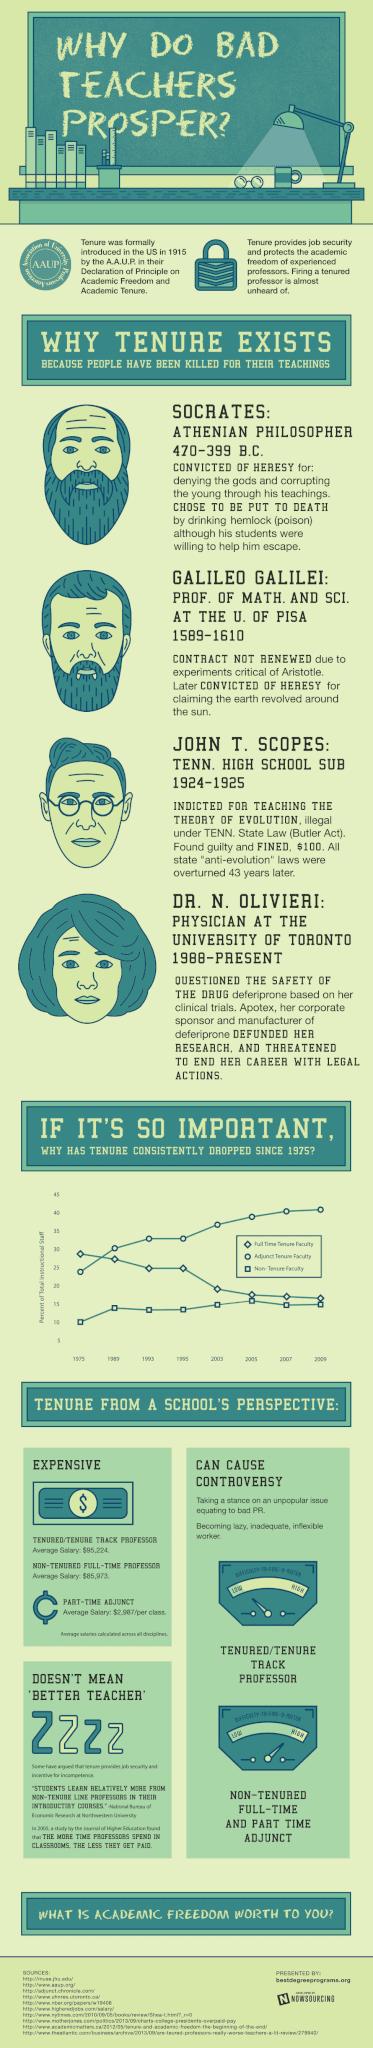 Why Do Bad Teachers Prosper? #Infographic